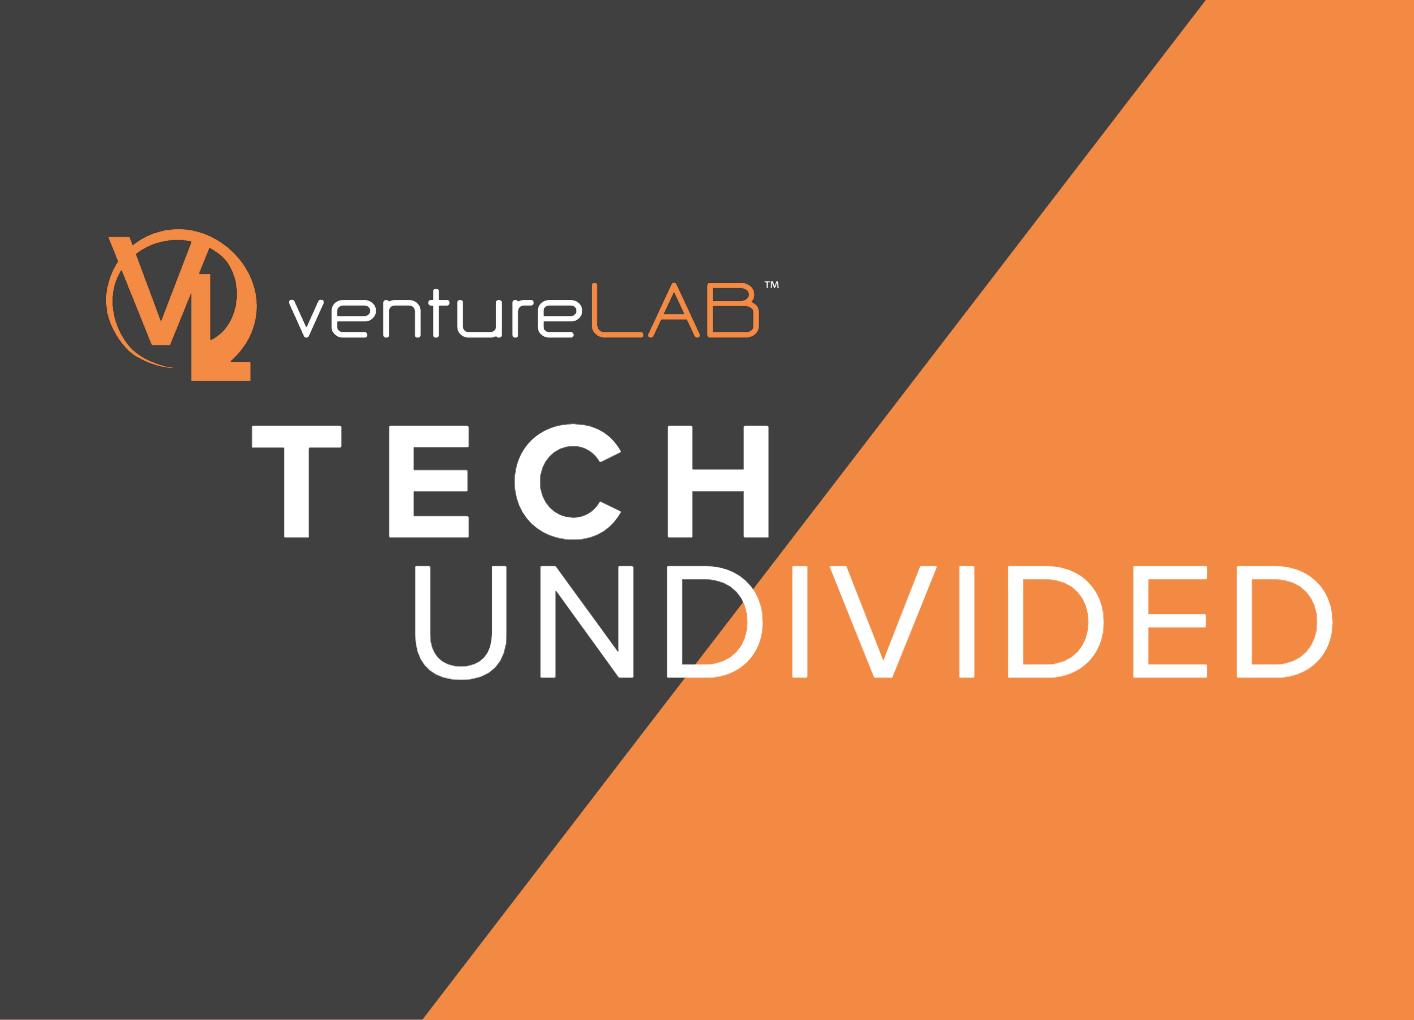 VentureLAB_Tech Undivided